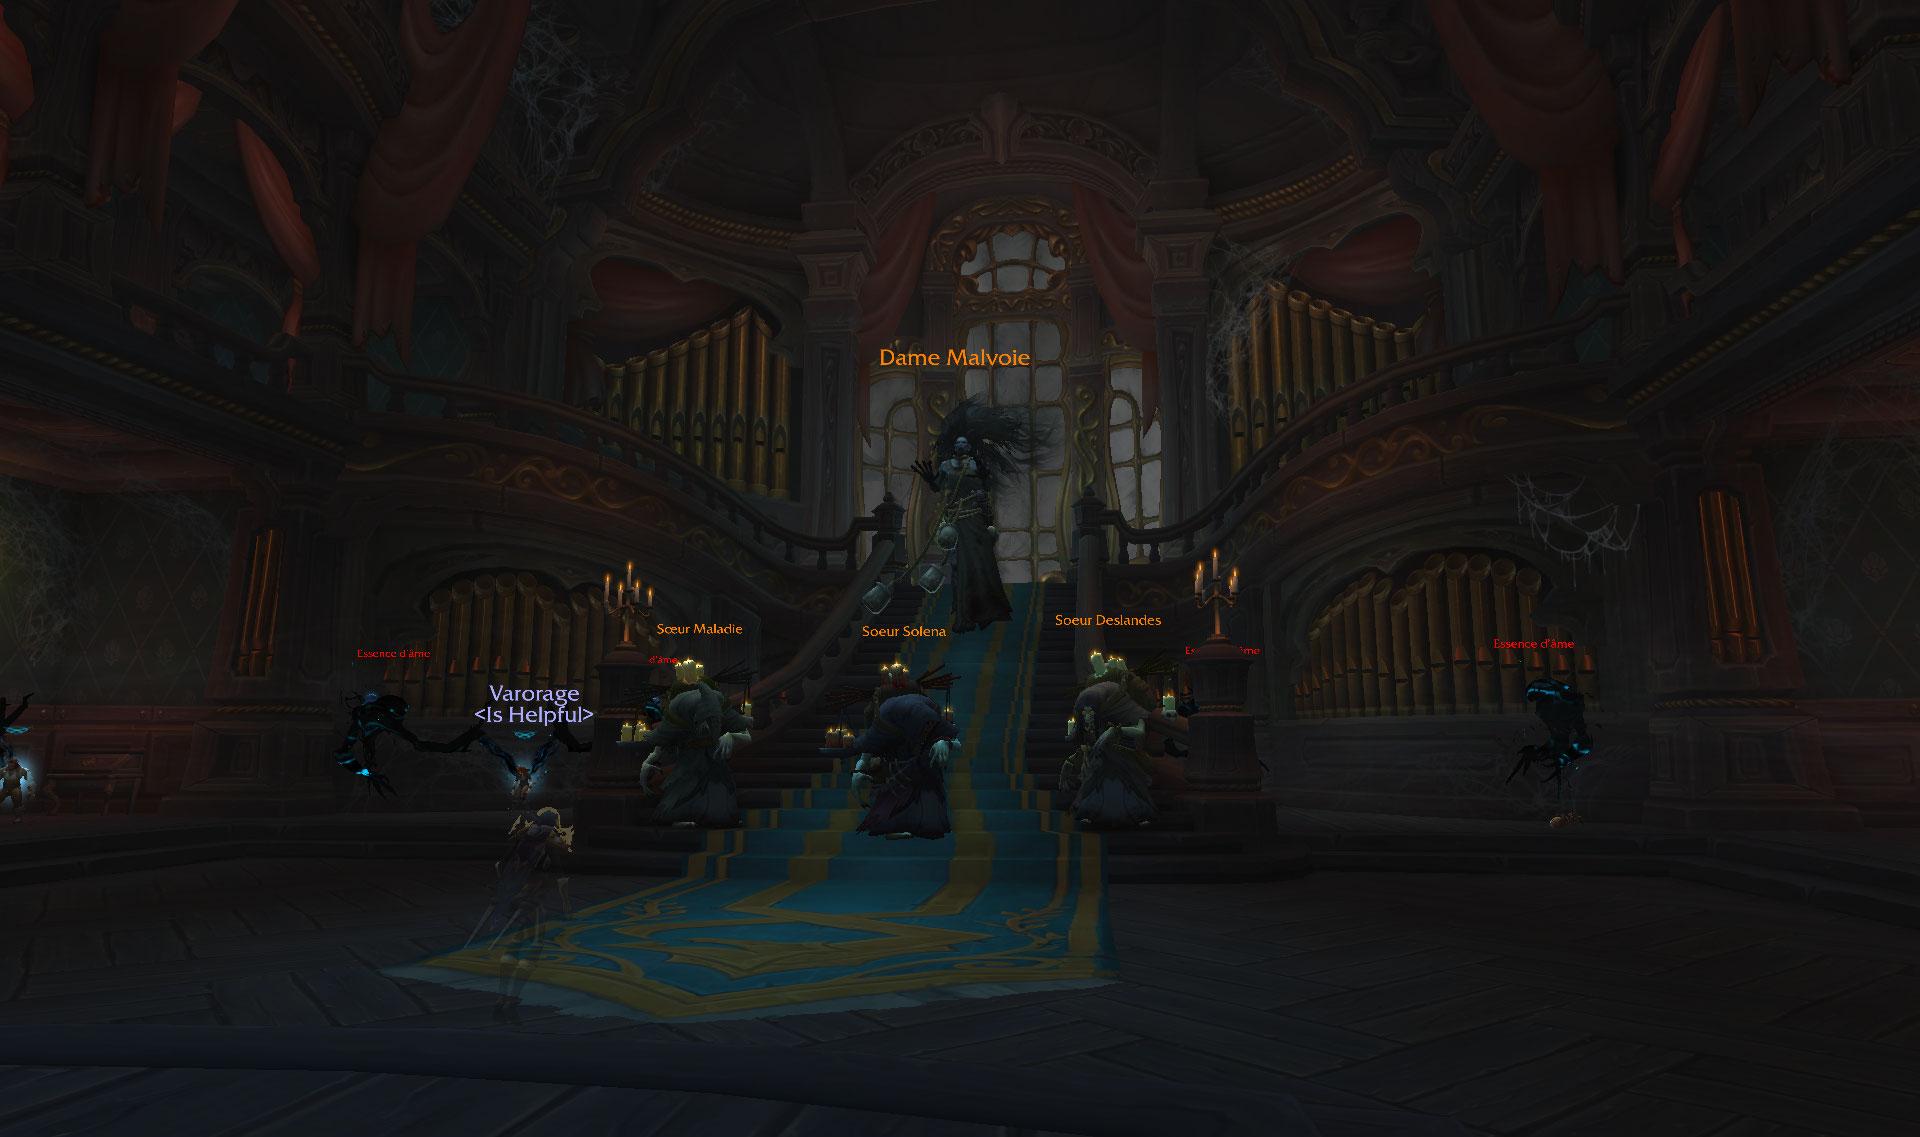 Screenshot du donjon Manoir Malvoie dans World of Warcraft.